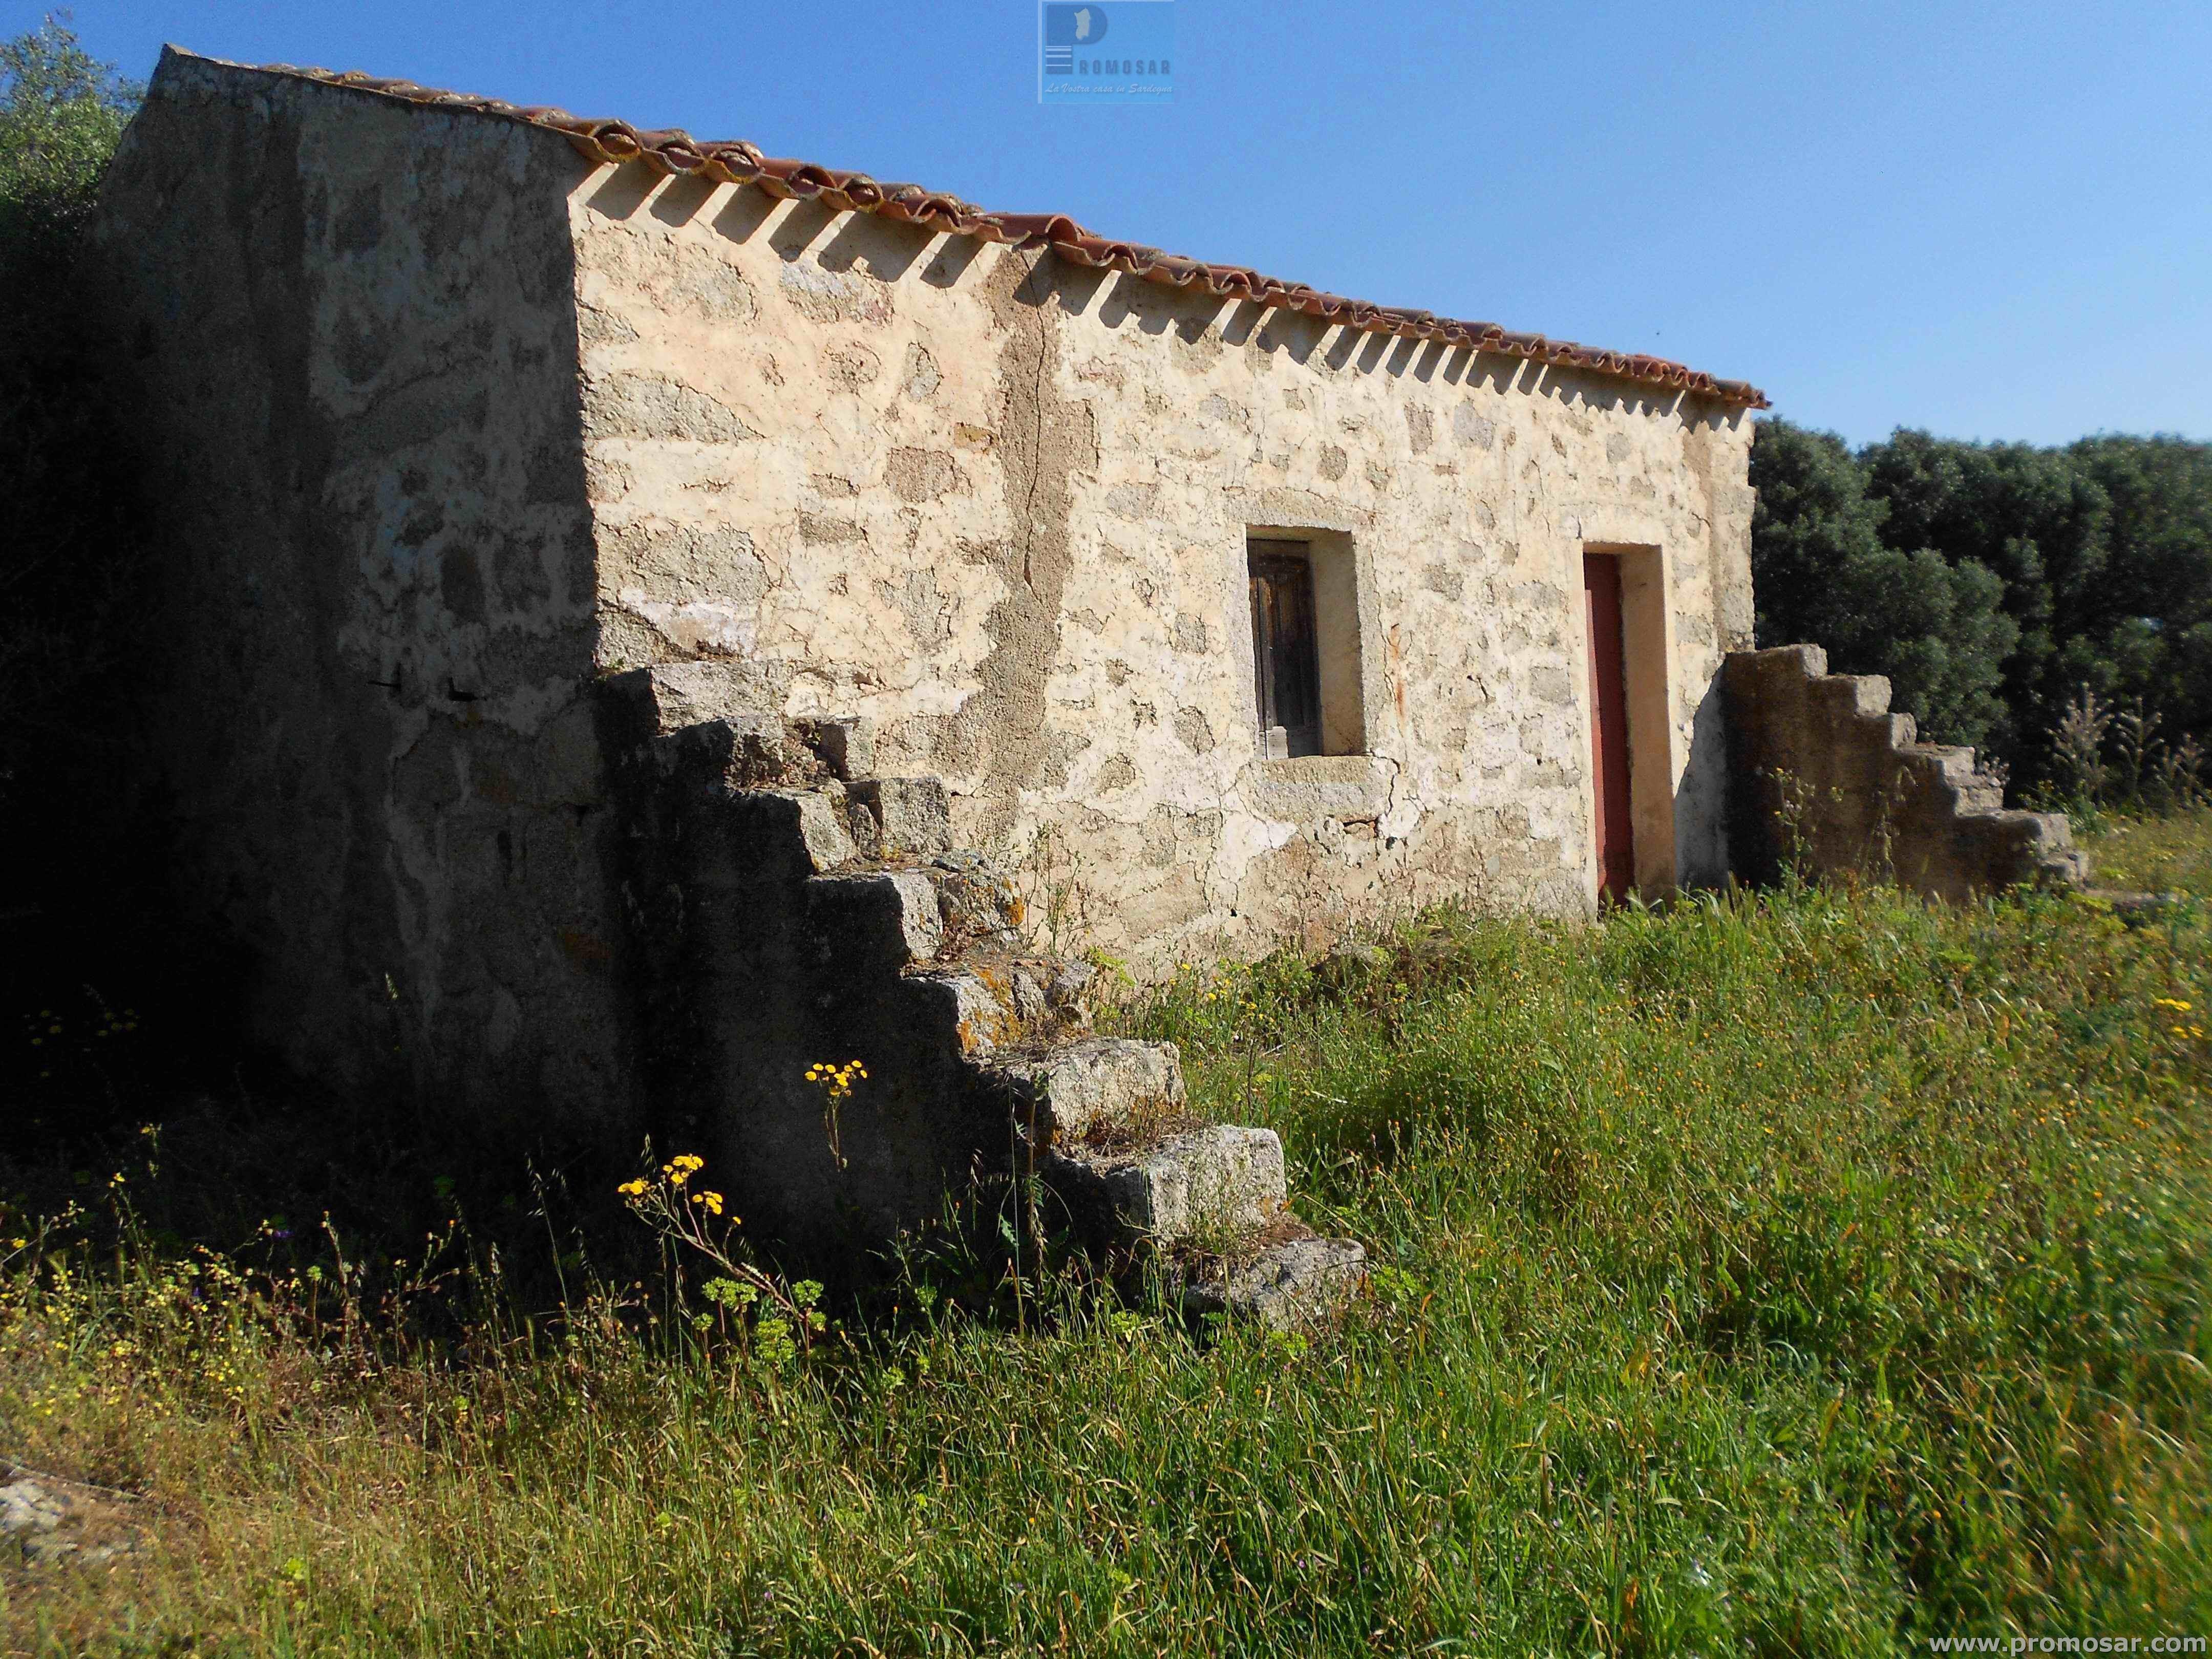 Stazzu con oltre 15 Ettari in Sardegna